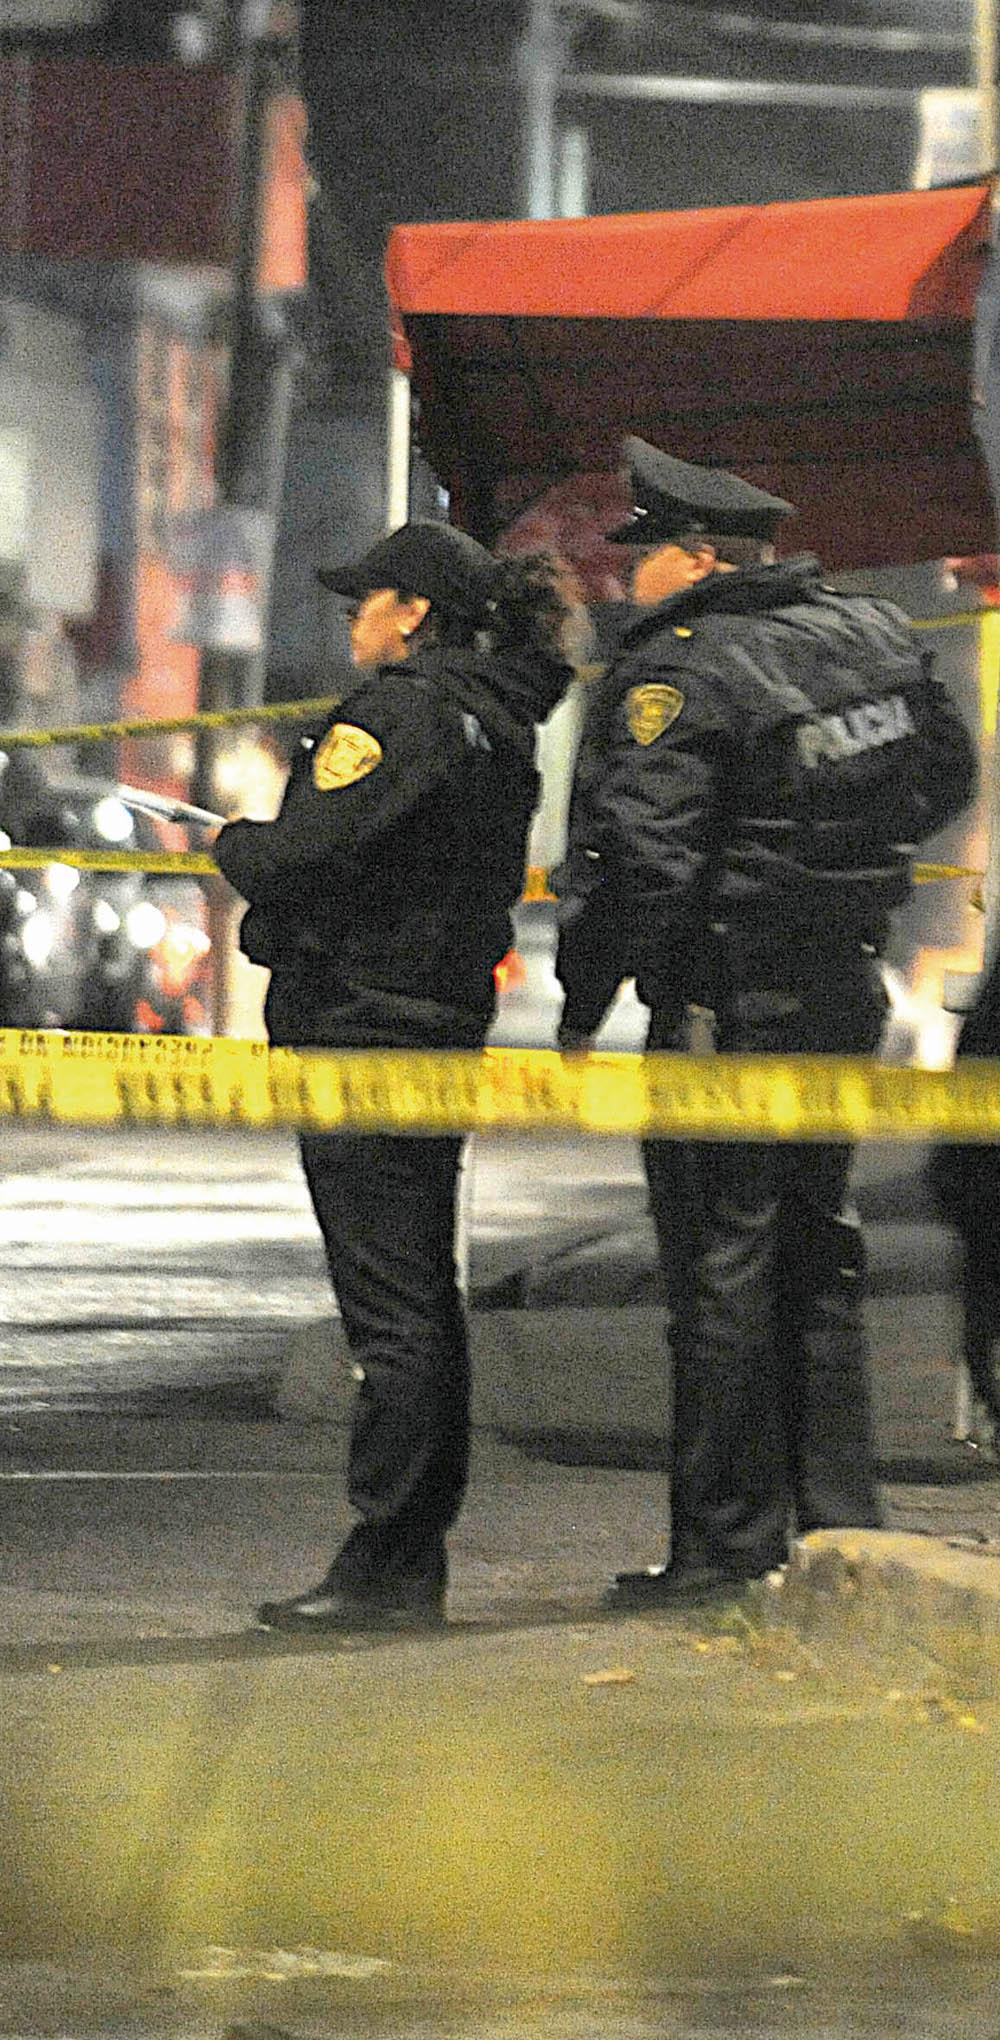 violencia espacios publicos